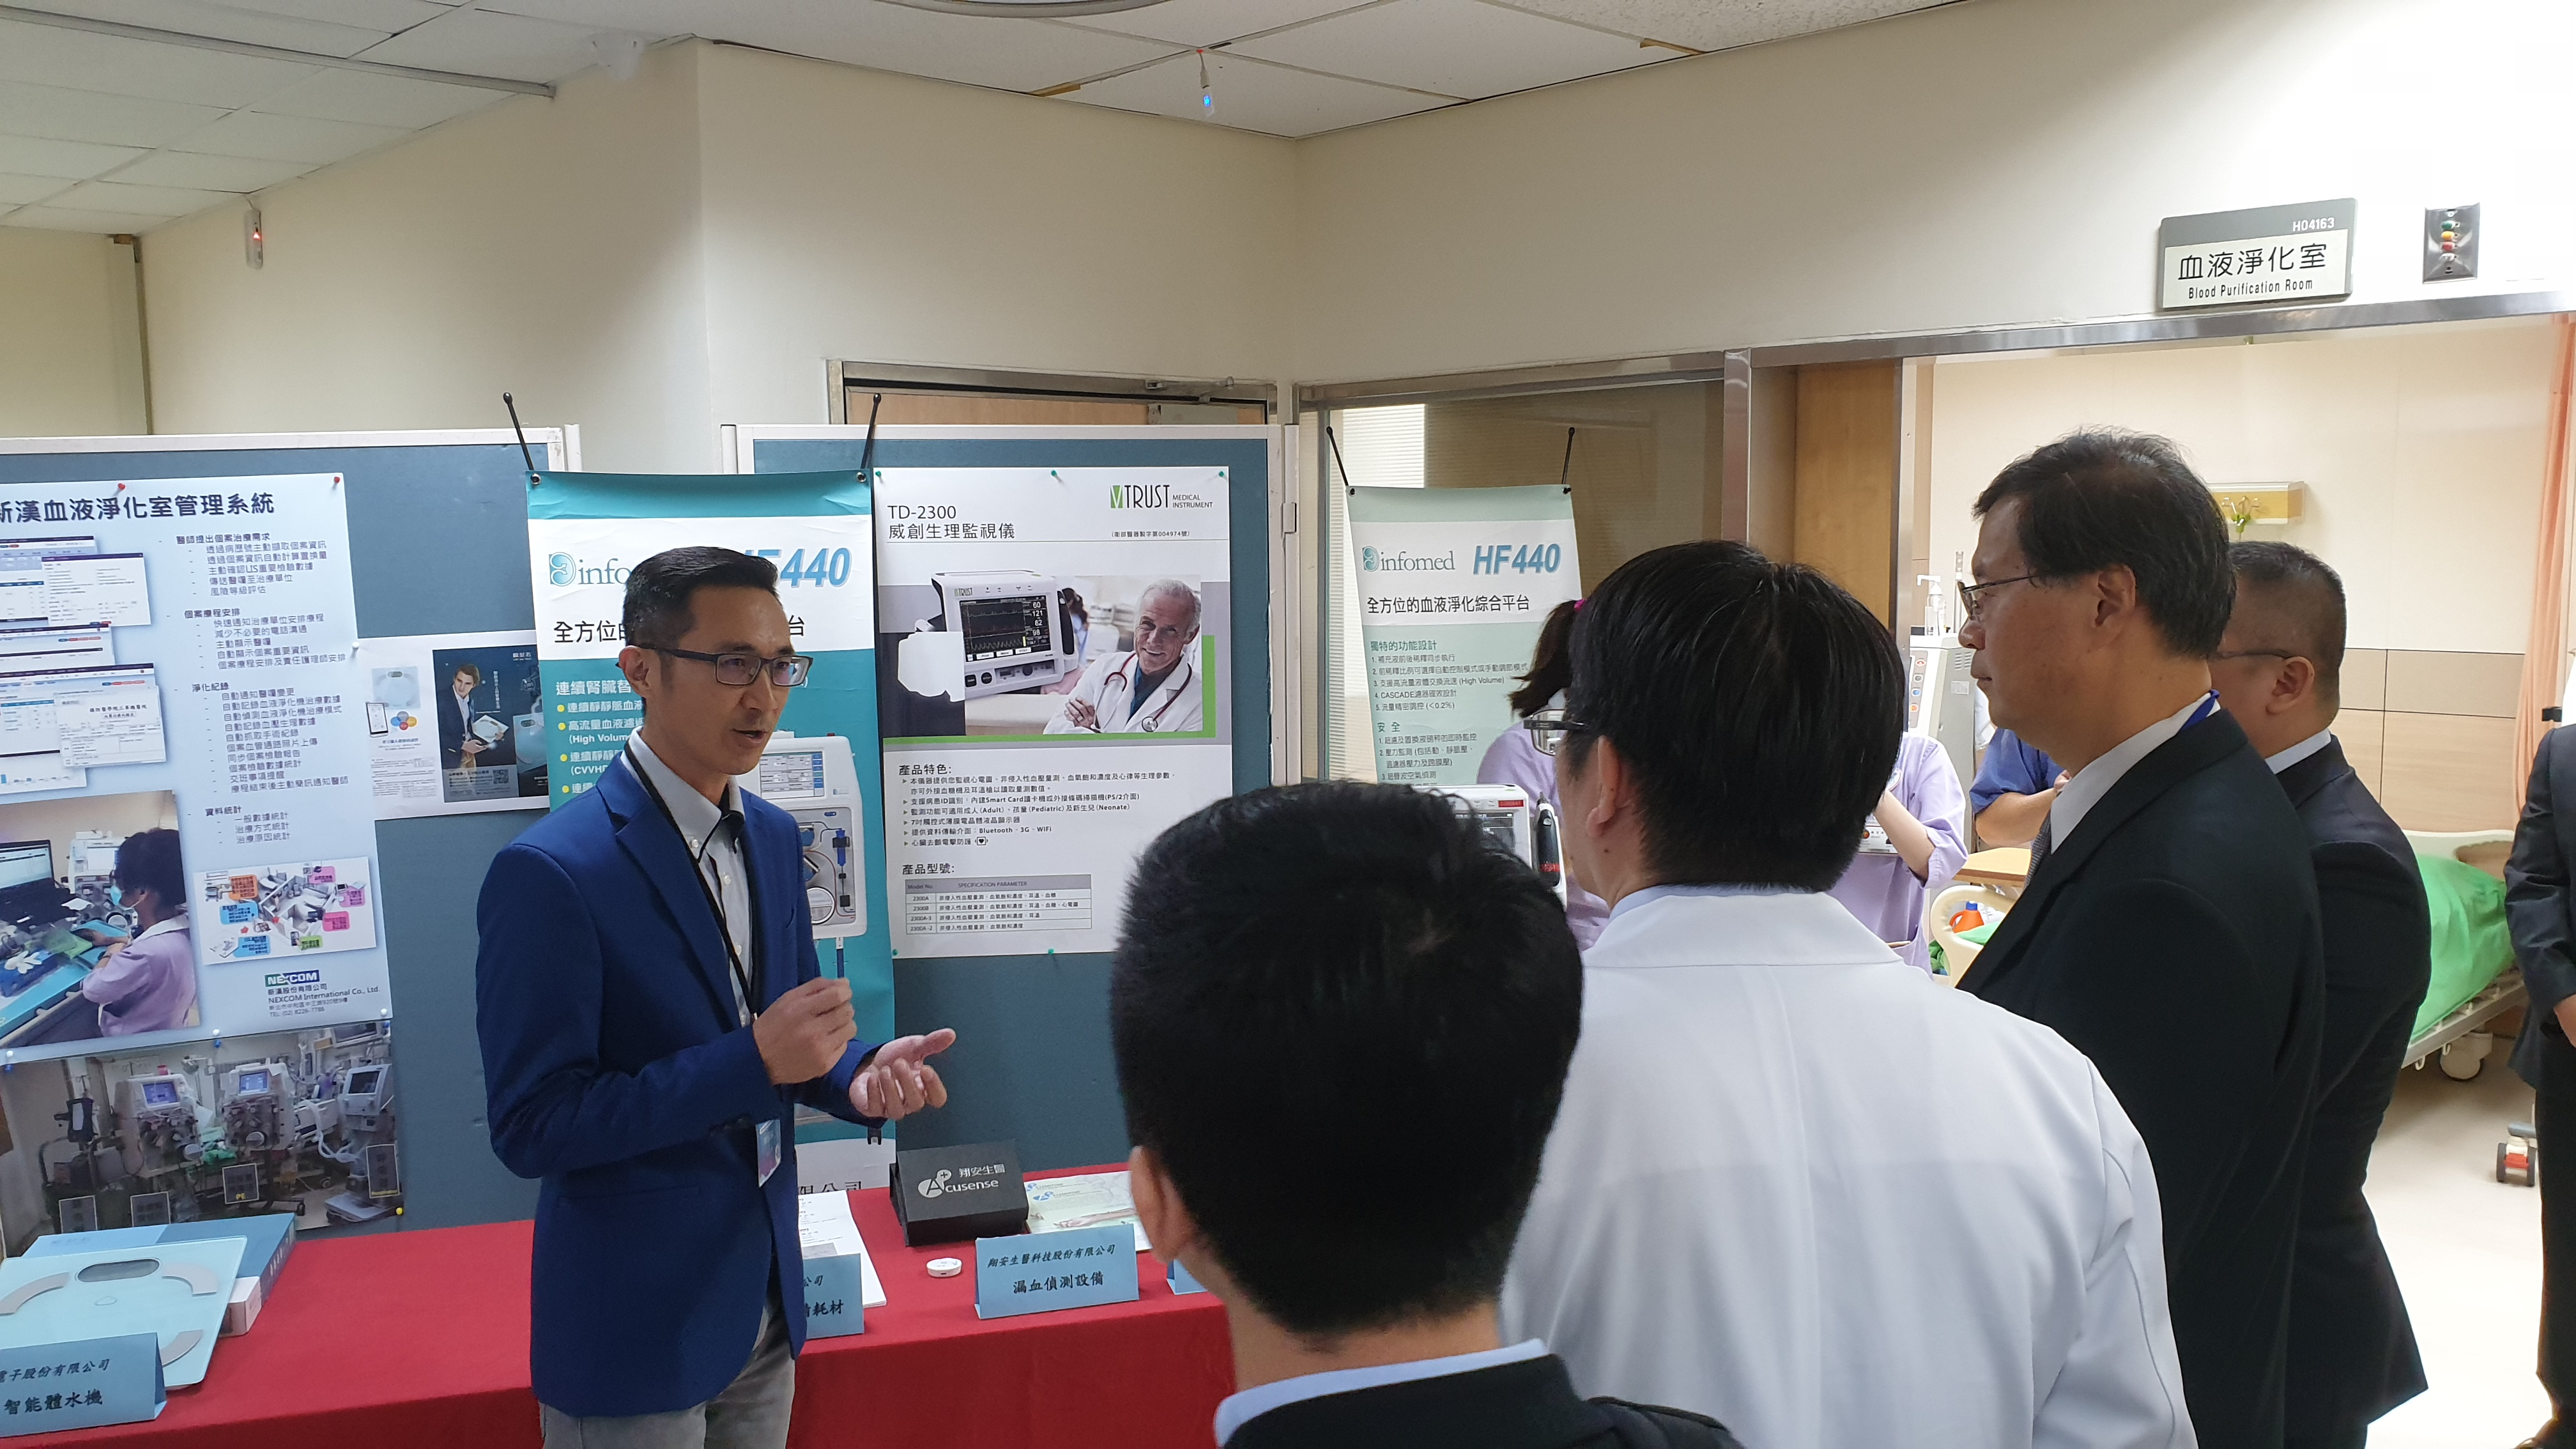 翔安生醫參與智慧血液透析場域計畫介紹